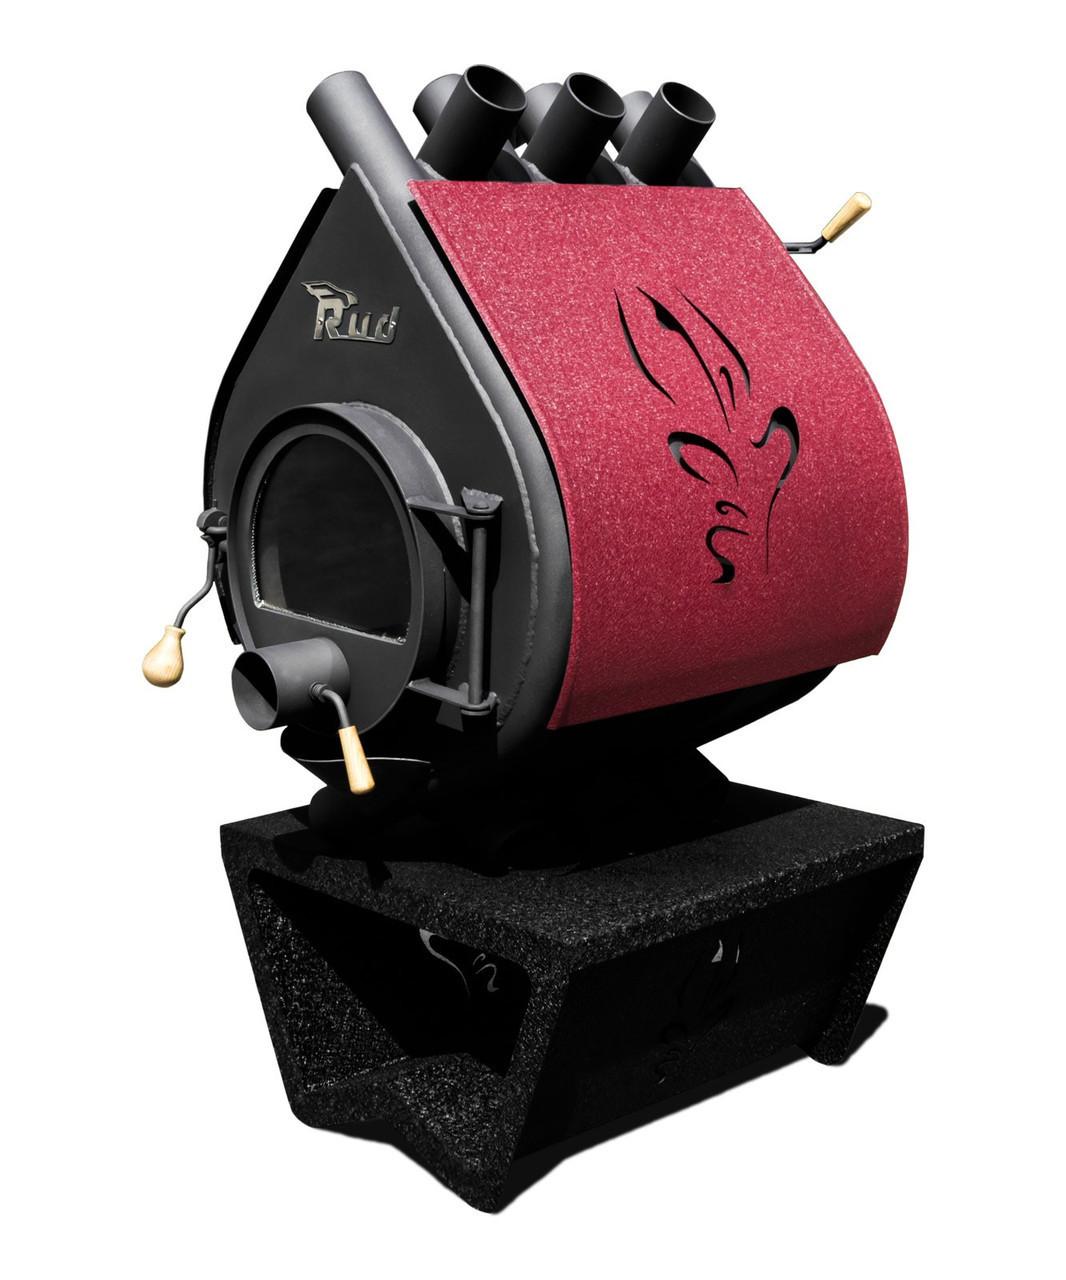 Опалювальна конвекційна піч Rud Pyrotron Кантрі 01 c декоративною обшивкою (зі склом і обшивкою)